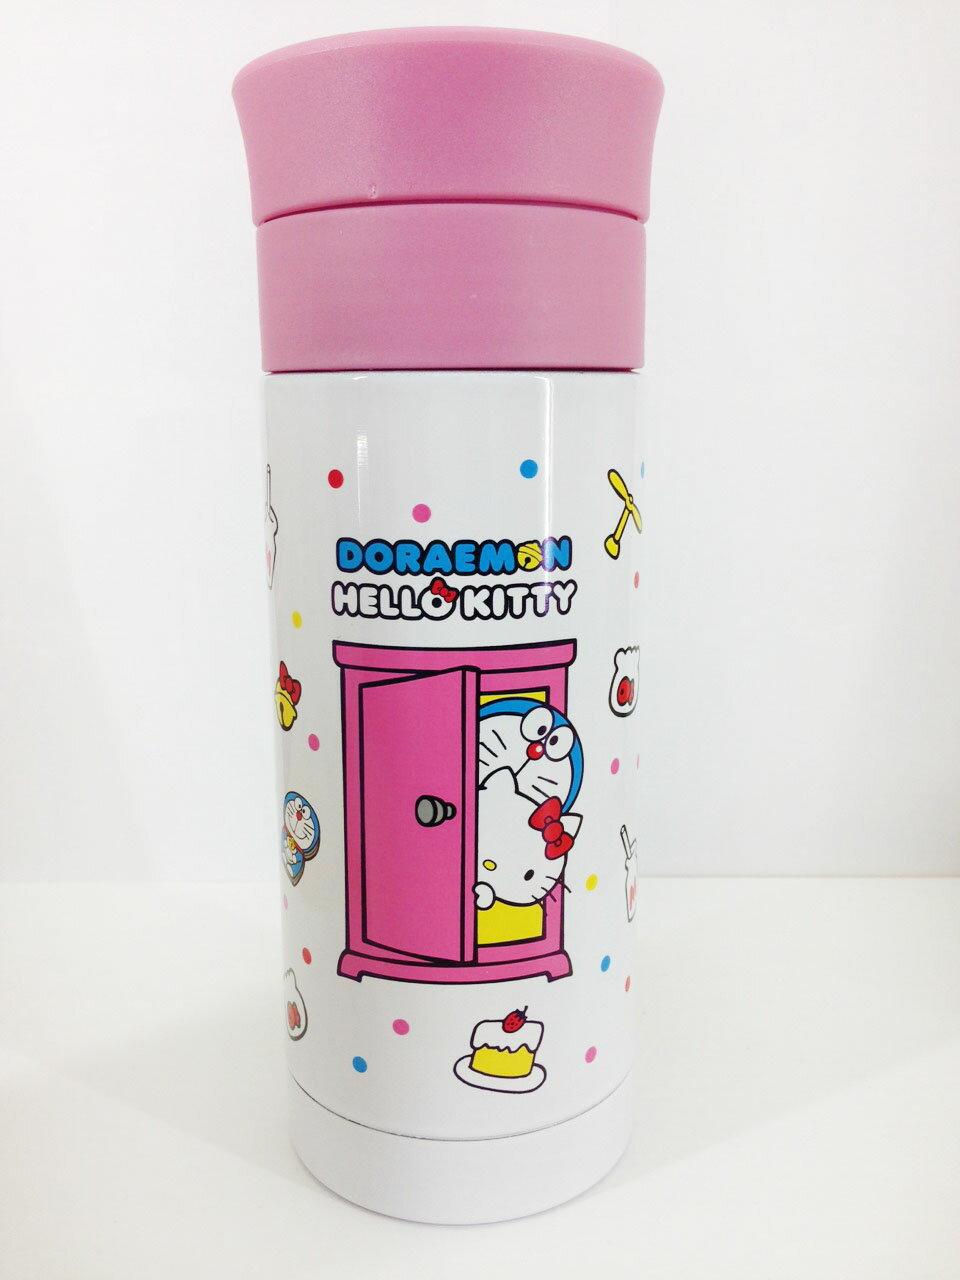 【真愛日本】16022500006KT*DM不銹鋼瓶-粉蓋  三麗鷗 Hello Kitty 凱蒂貓 不鏽鋼 保溫瓶 景品  限量